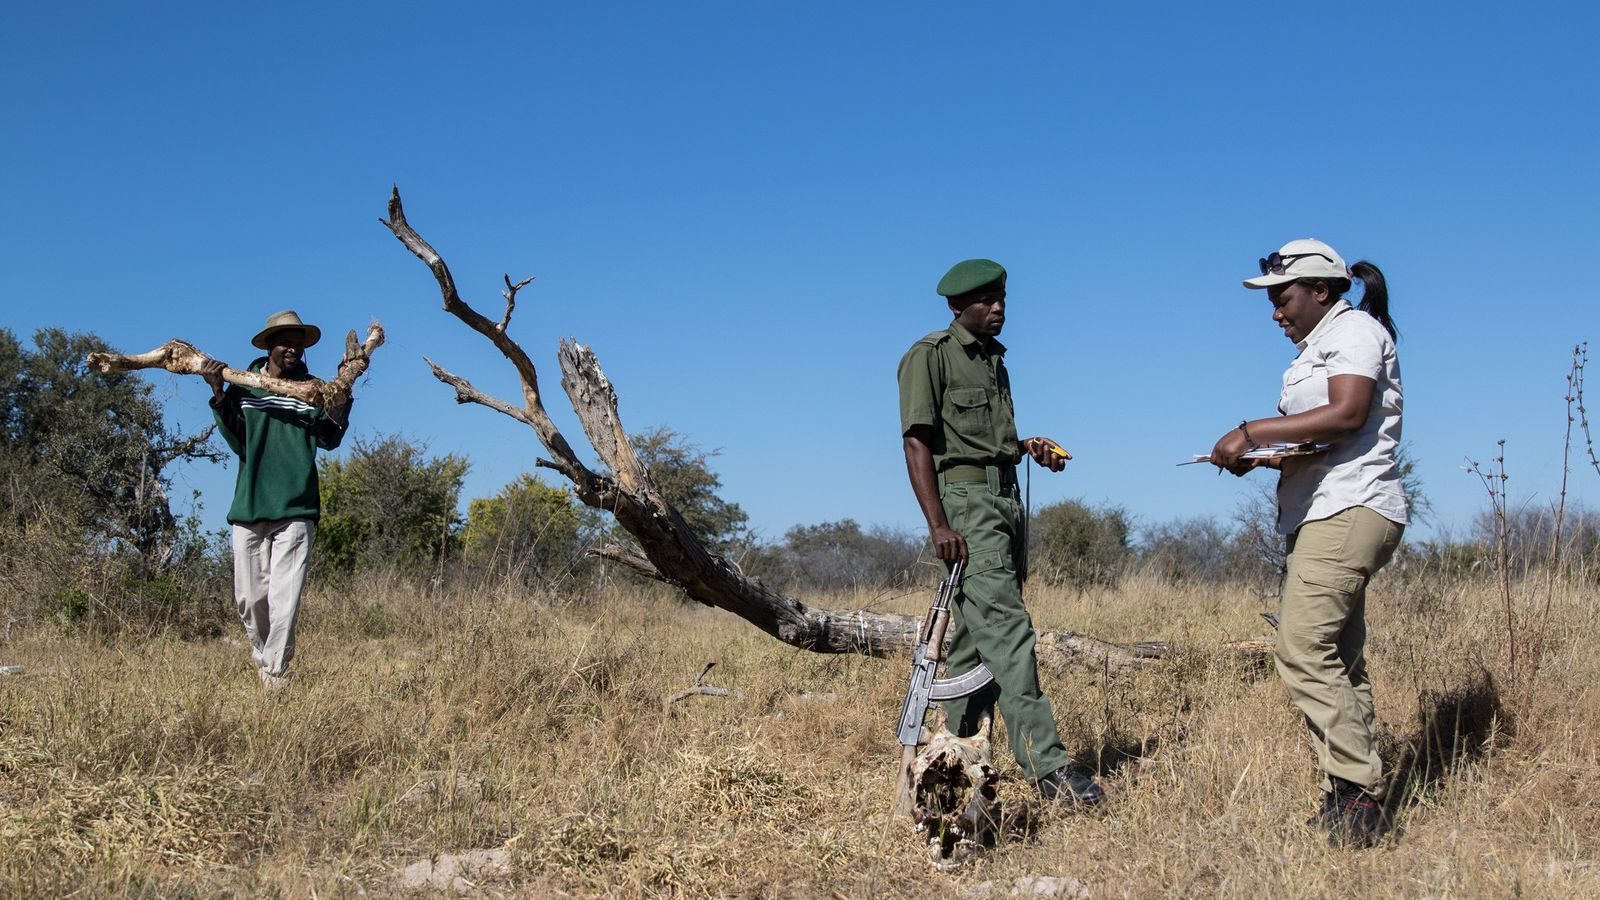 Moreangels Mbizah, biologiste de la conservation (à droite) prélève des données et prend des notes sur ...